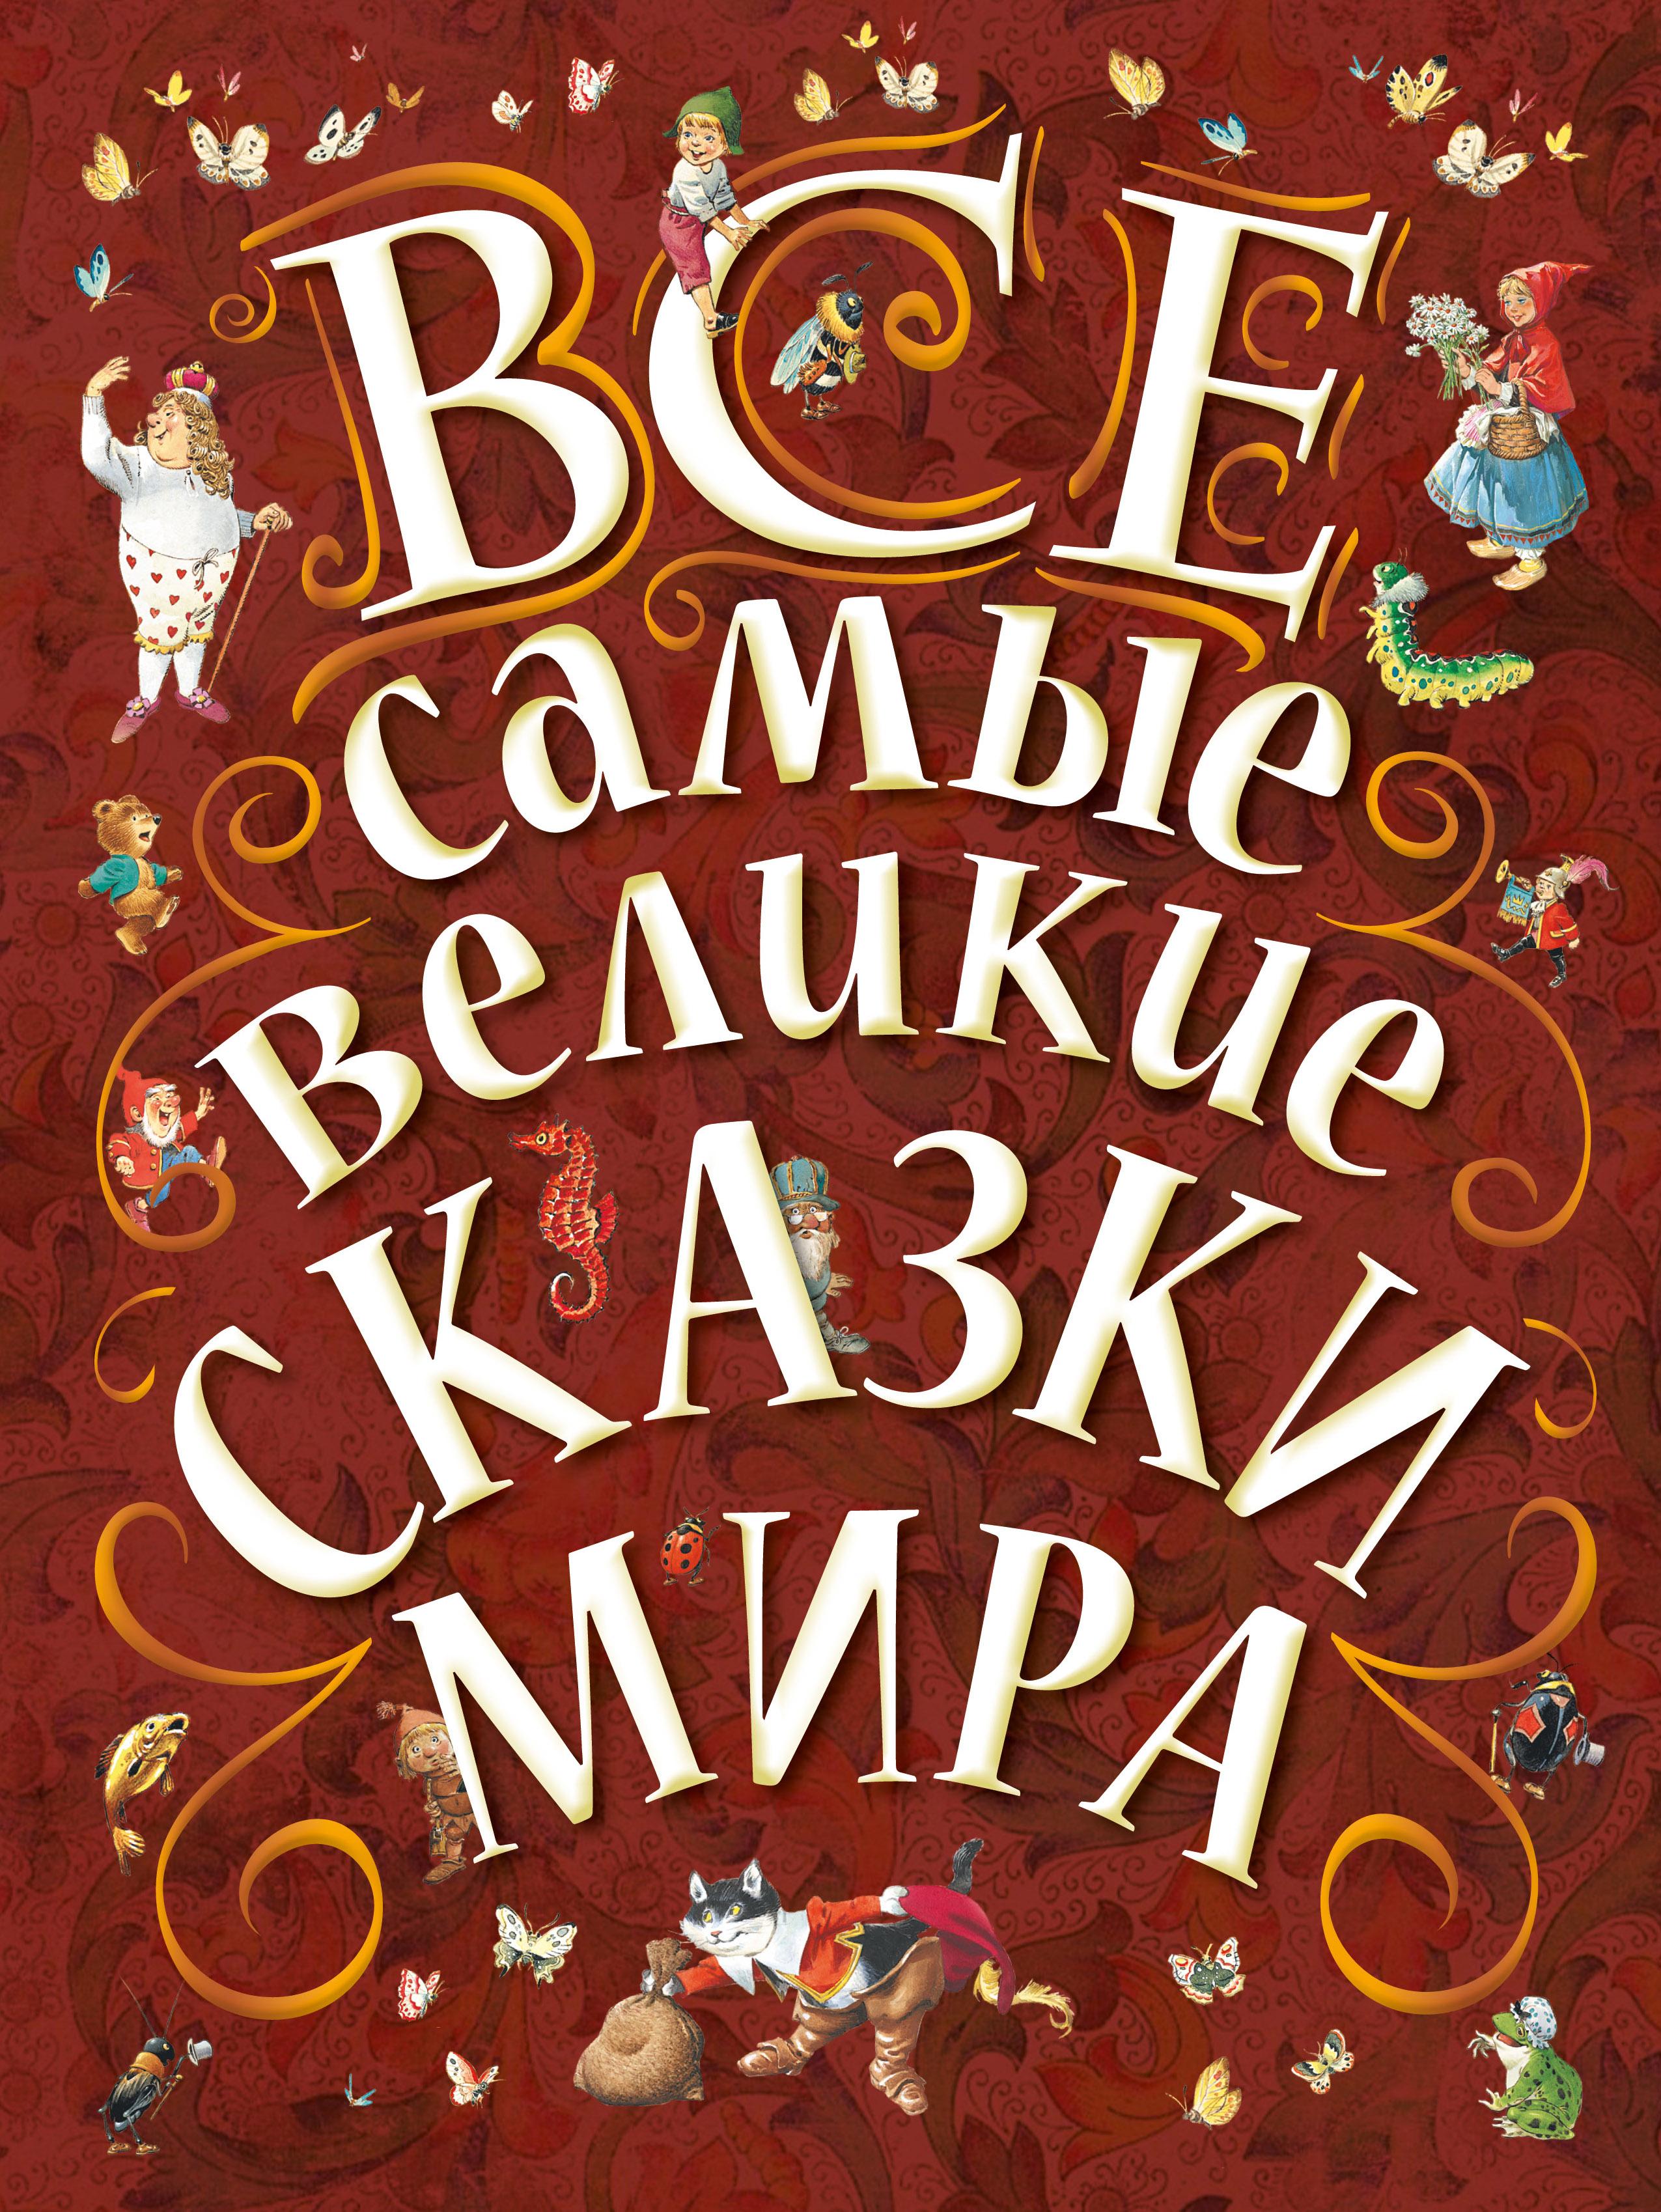 Купить Все самые великие сказки мира, Иван Крылов, 978-5-17-083389-4